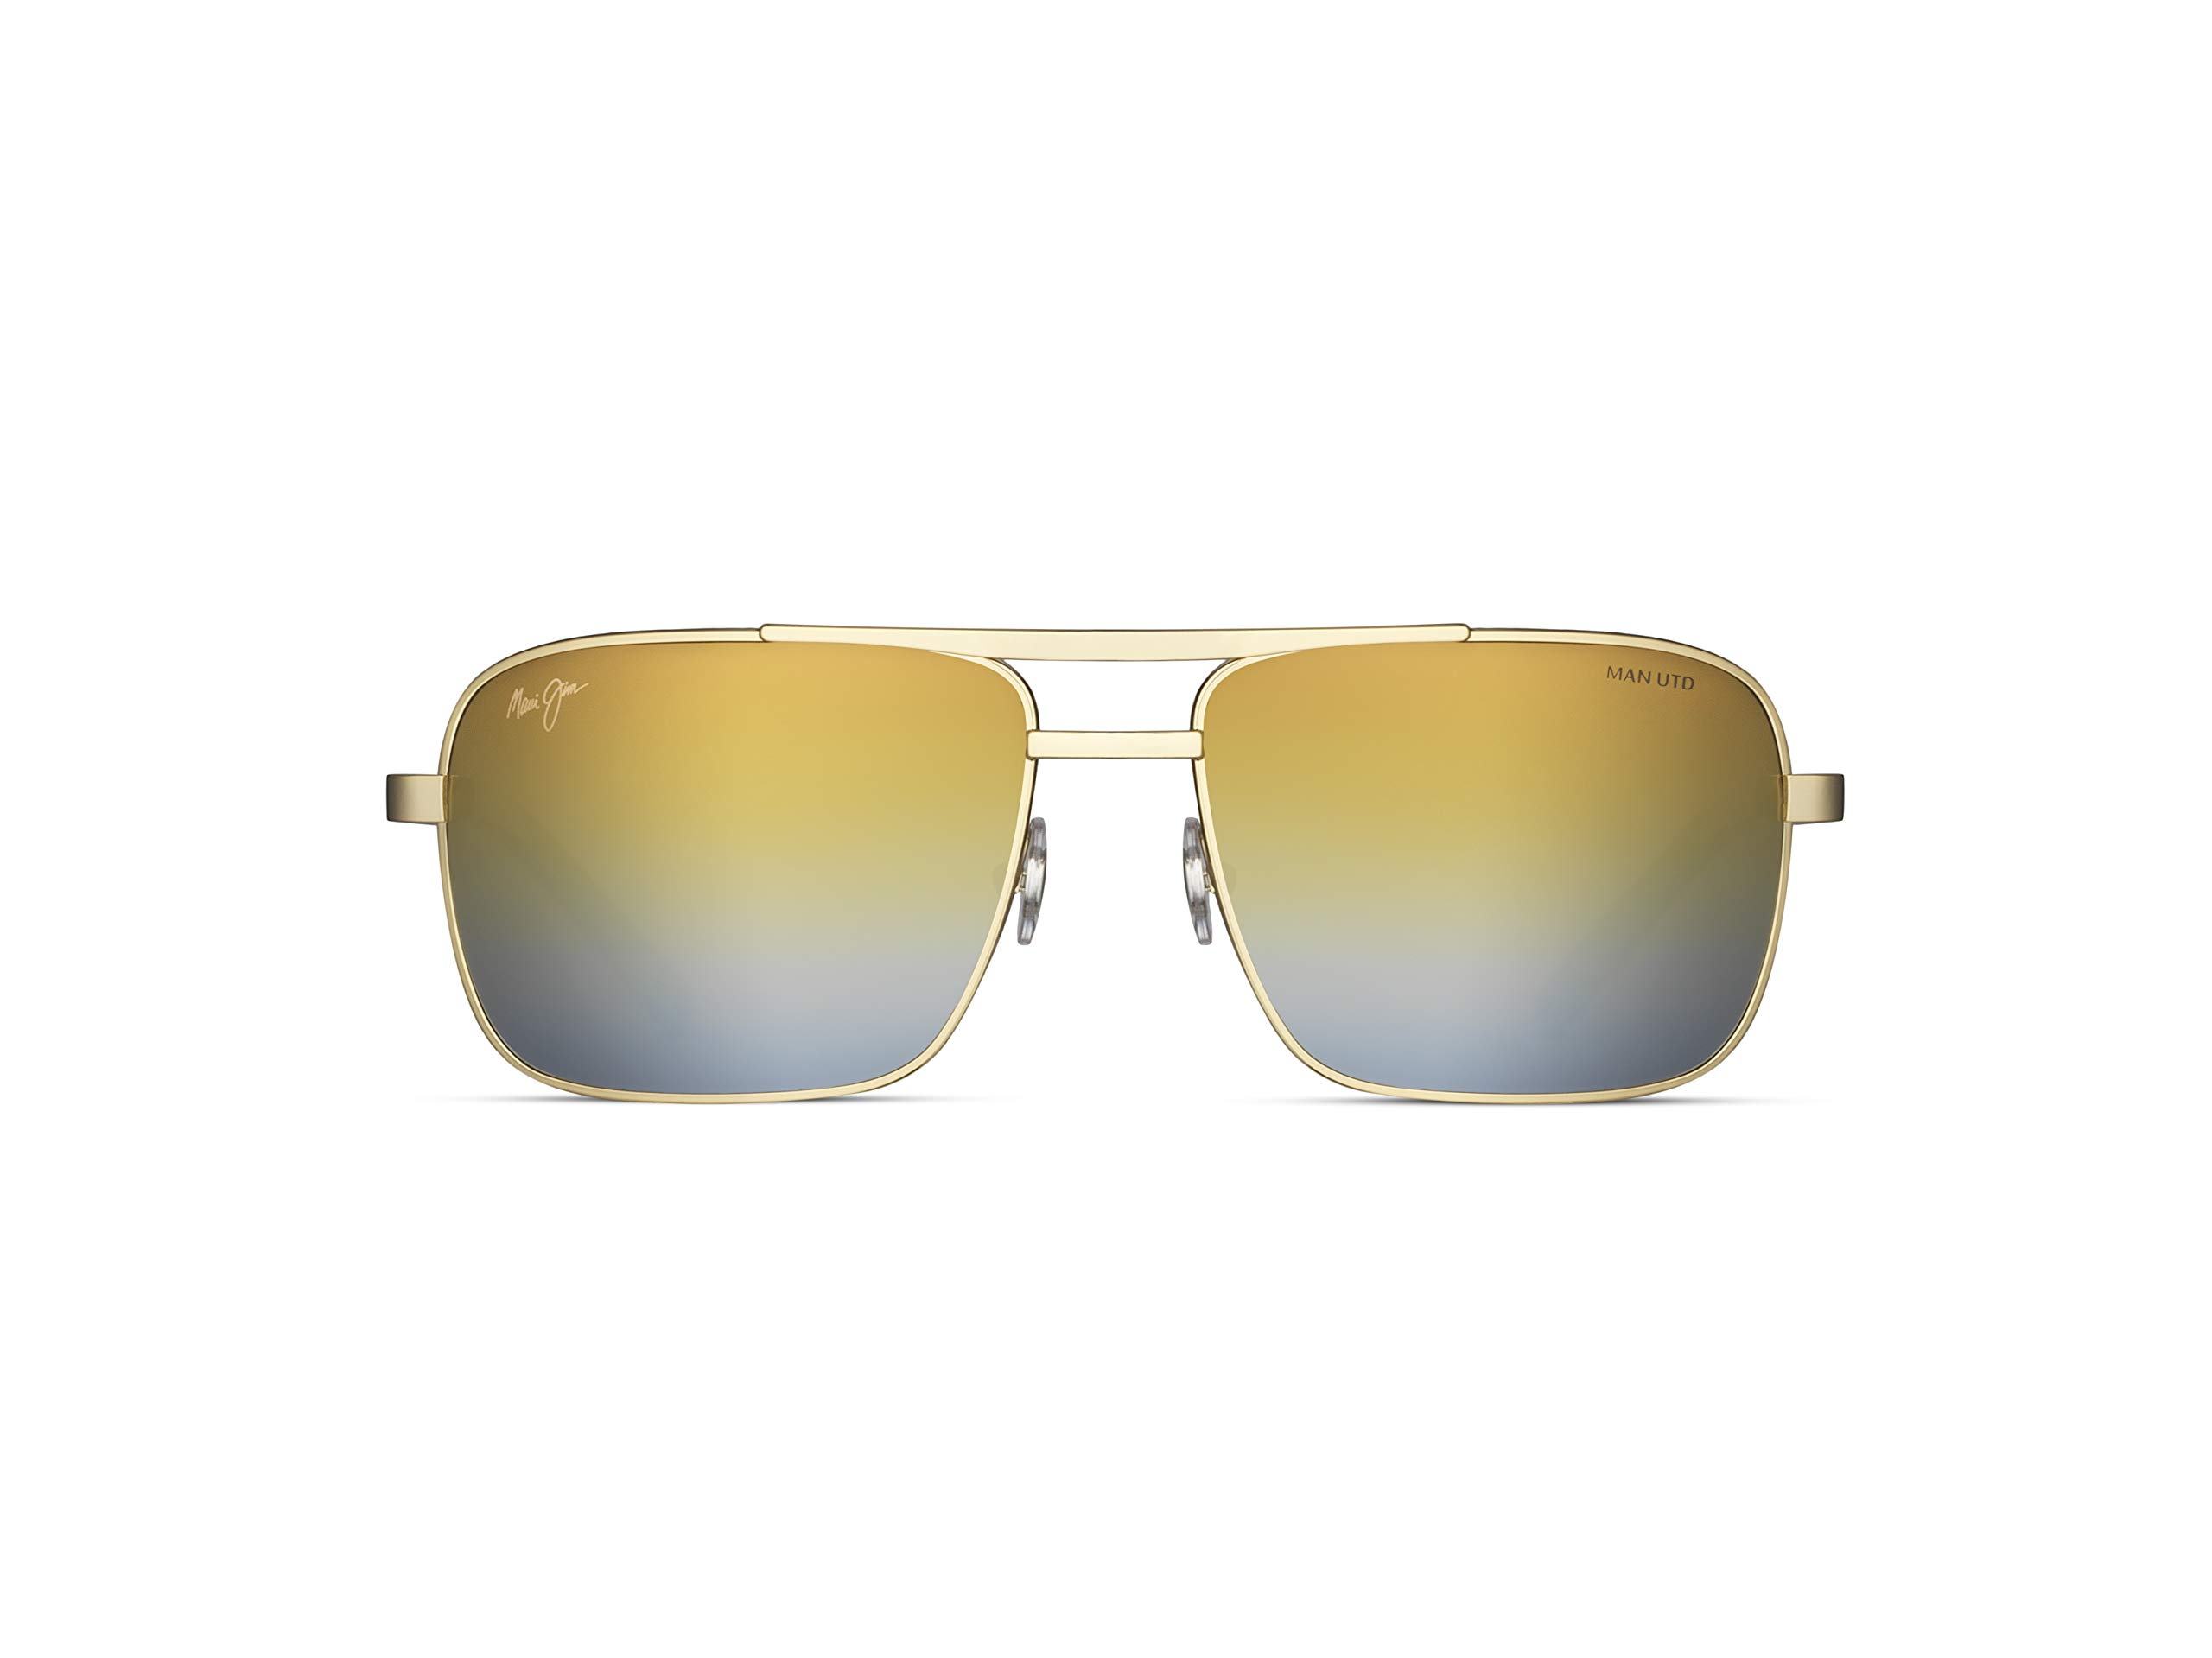 ویکالا · خرید  اصل اورجینال · خرید از آمازون · Maui Jim Men's Polarized Aviator Sunglasses, Shiny Gold w/Man Utd, Medium wekala · ویکالا